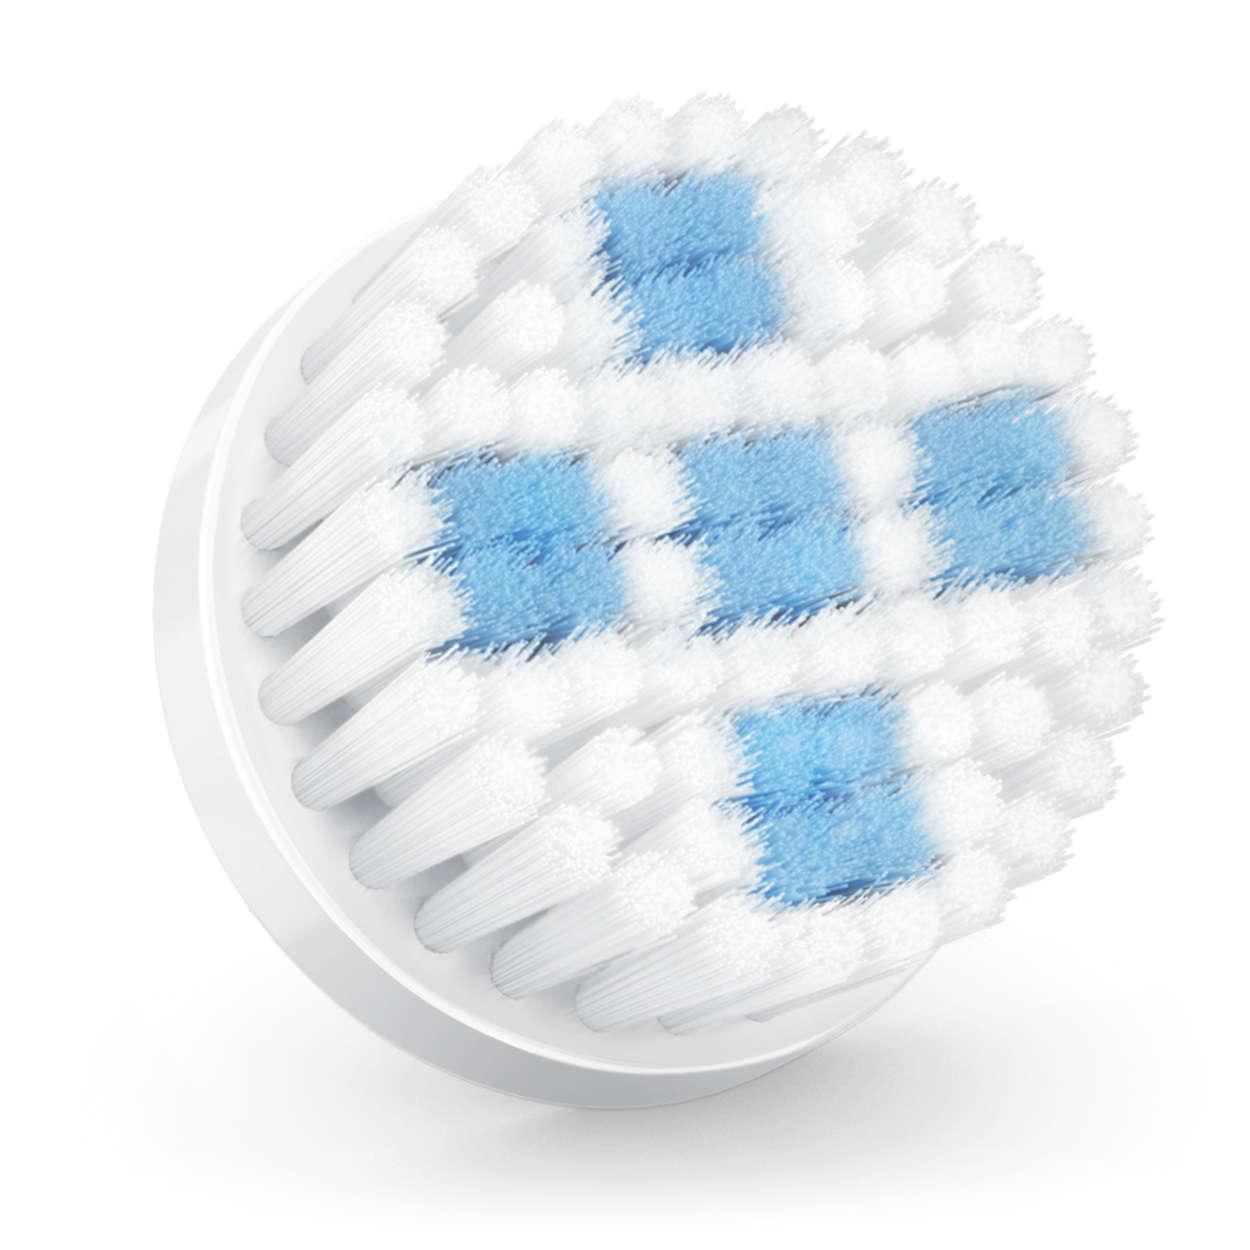 Opzetborstel voor intensieve reiniging